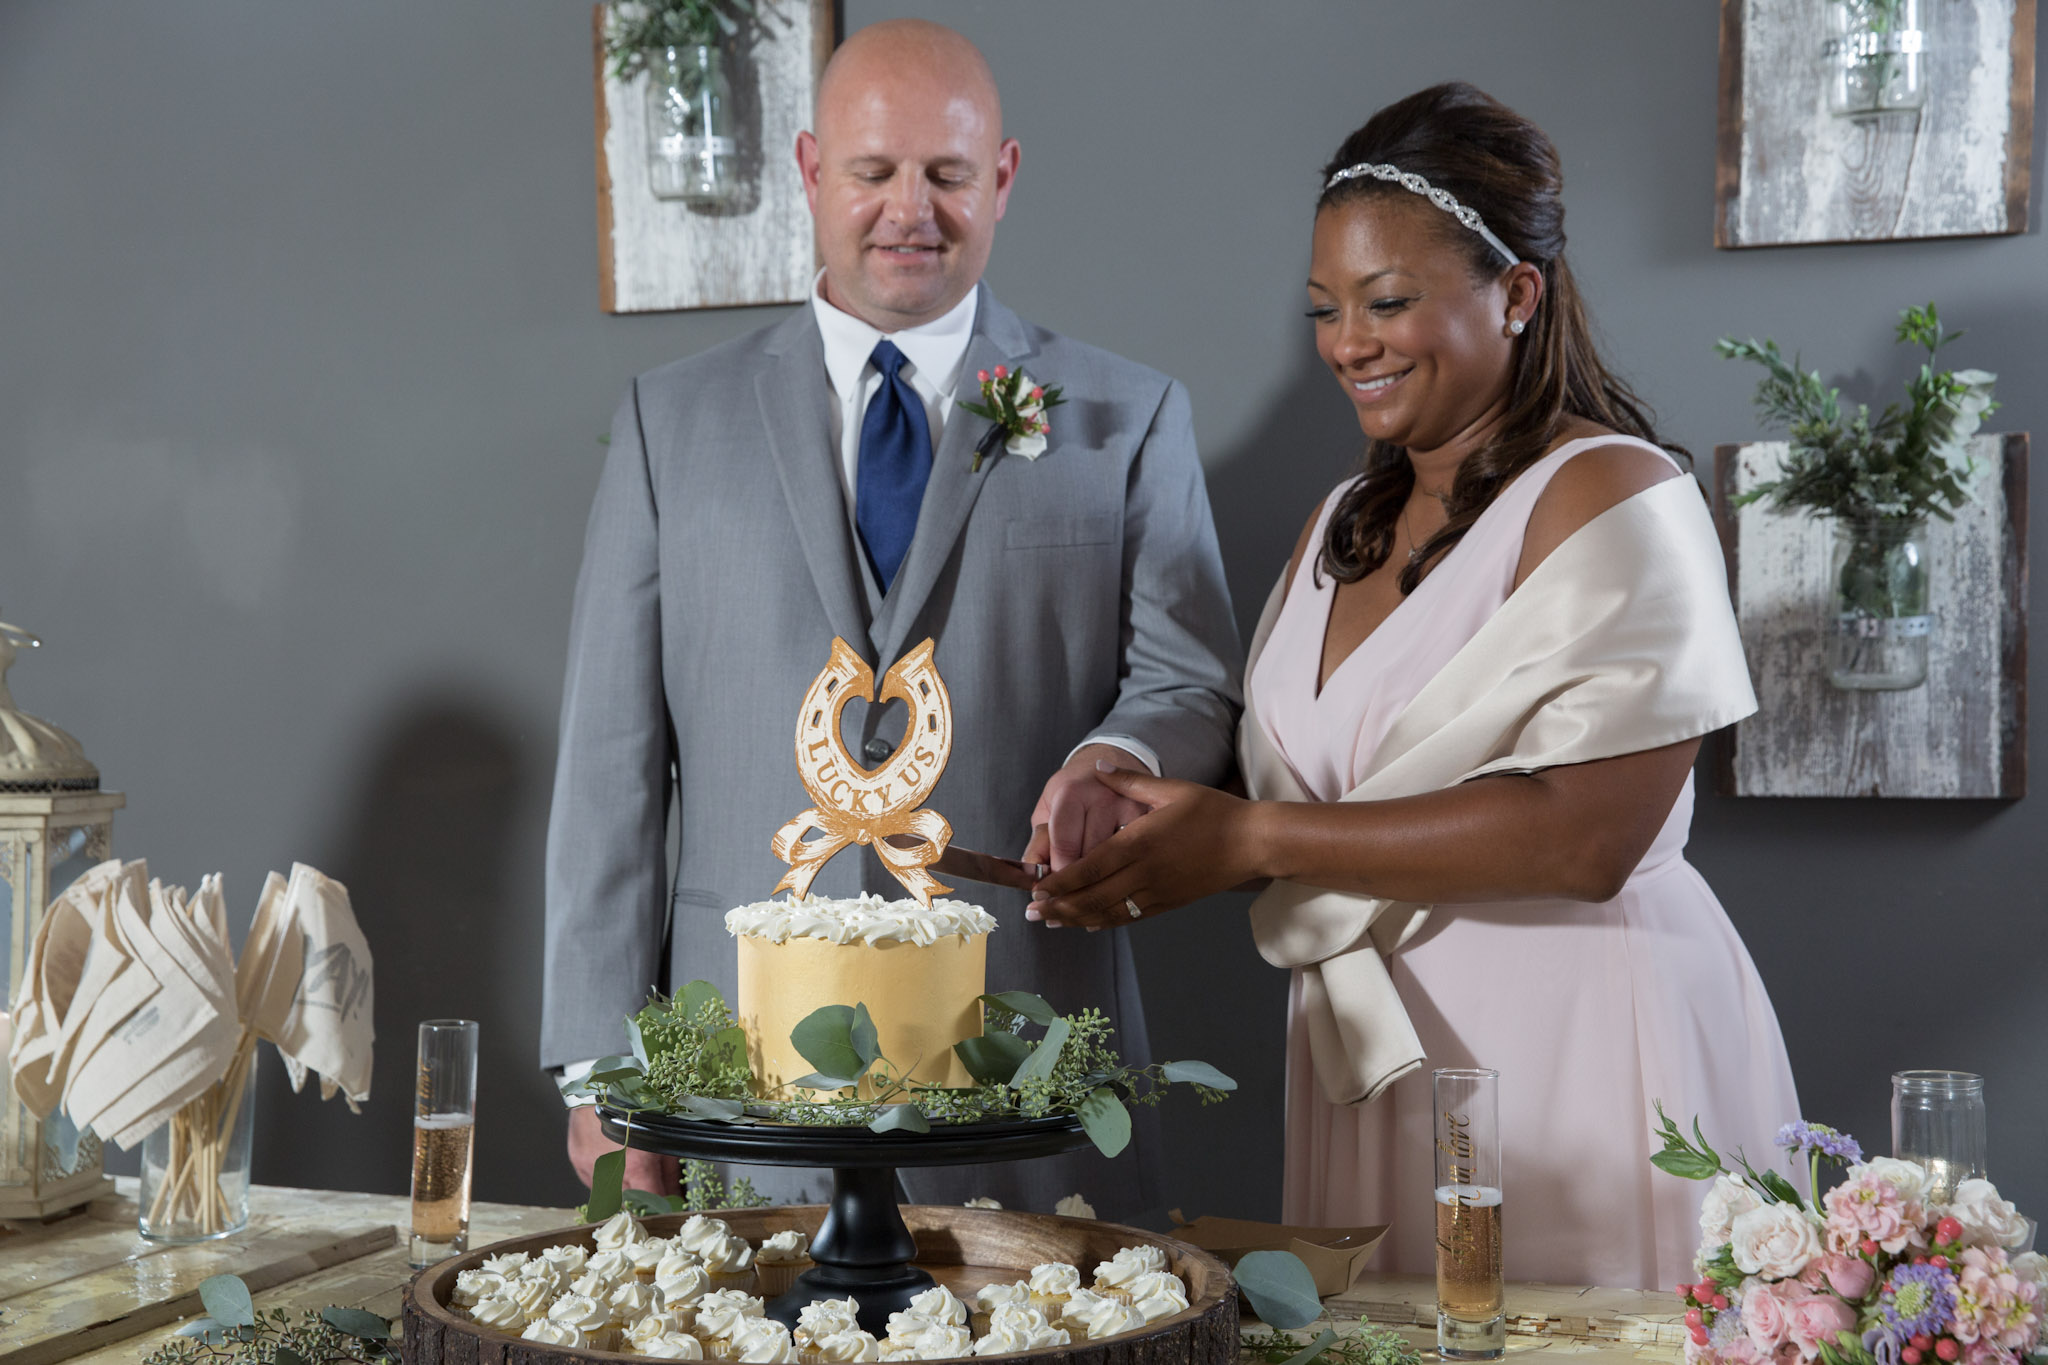 Kansas_City_Small_Intimate_Budget_Wedding_Venue_291.JPG